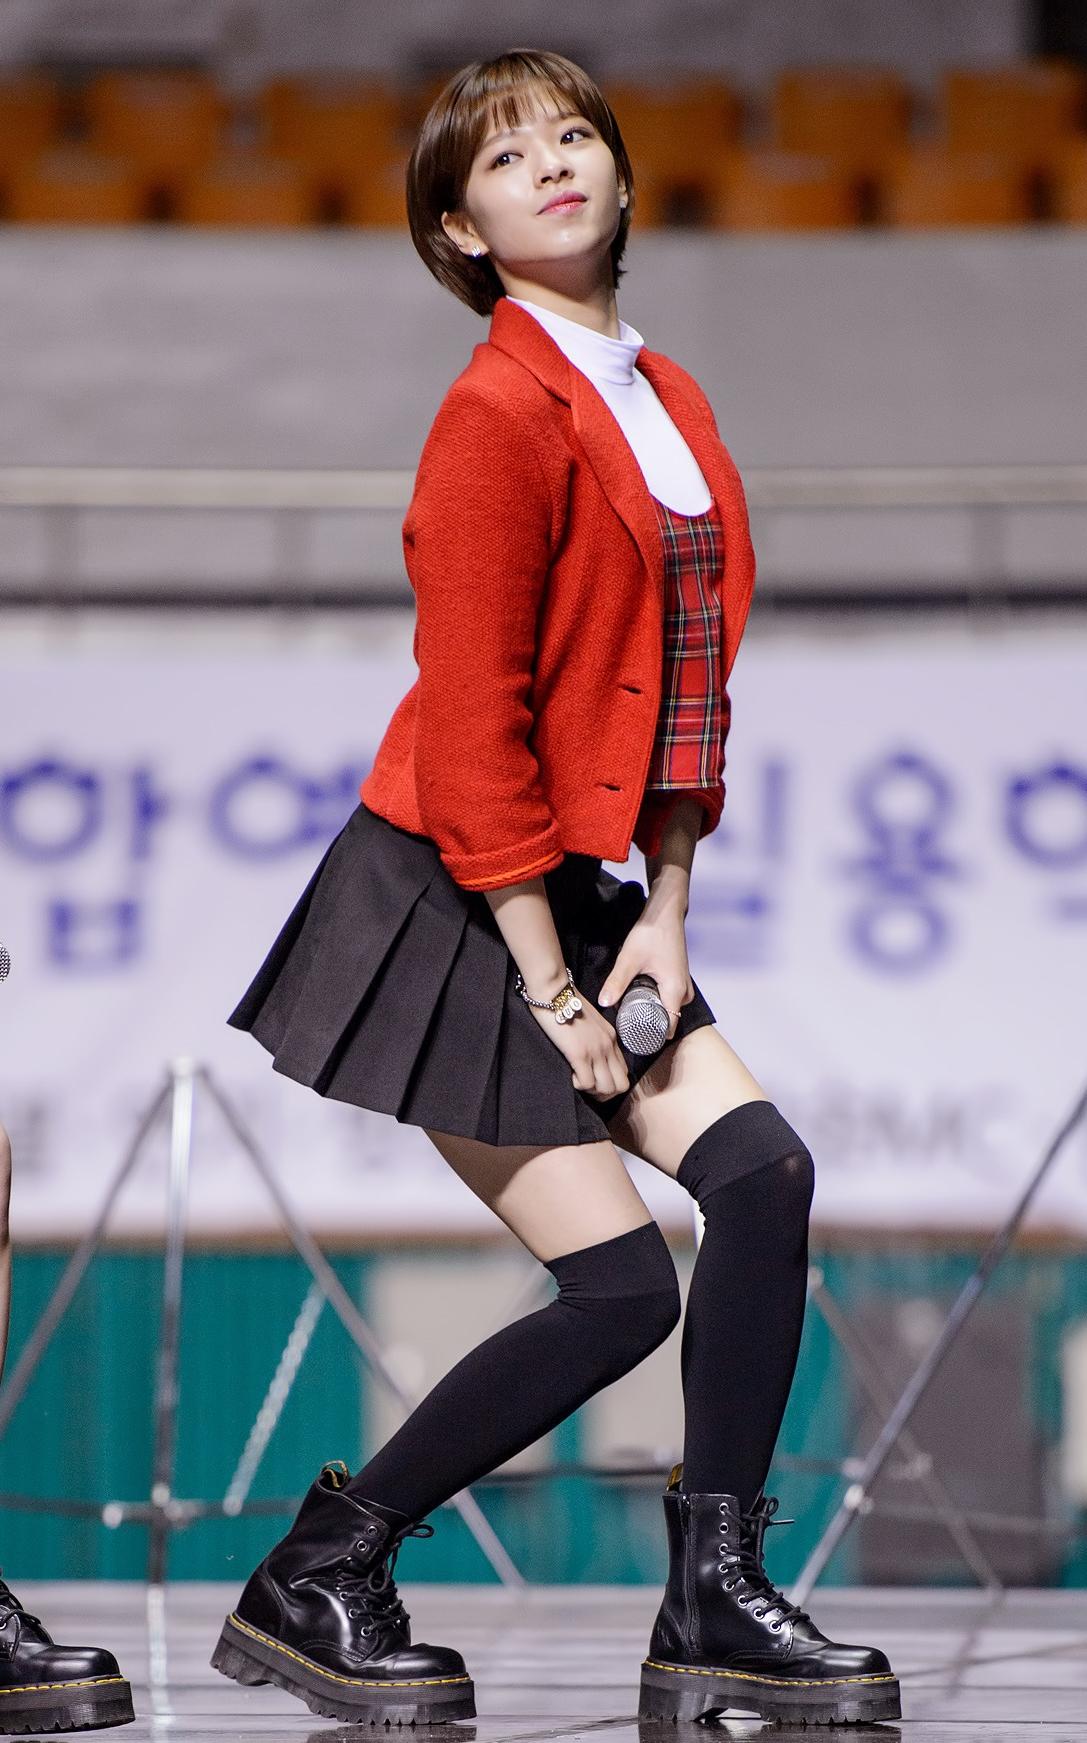 file yoo jeong yeon performing at sac 2016 jpg wikimedia commons